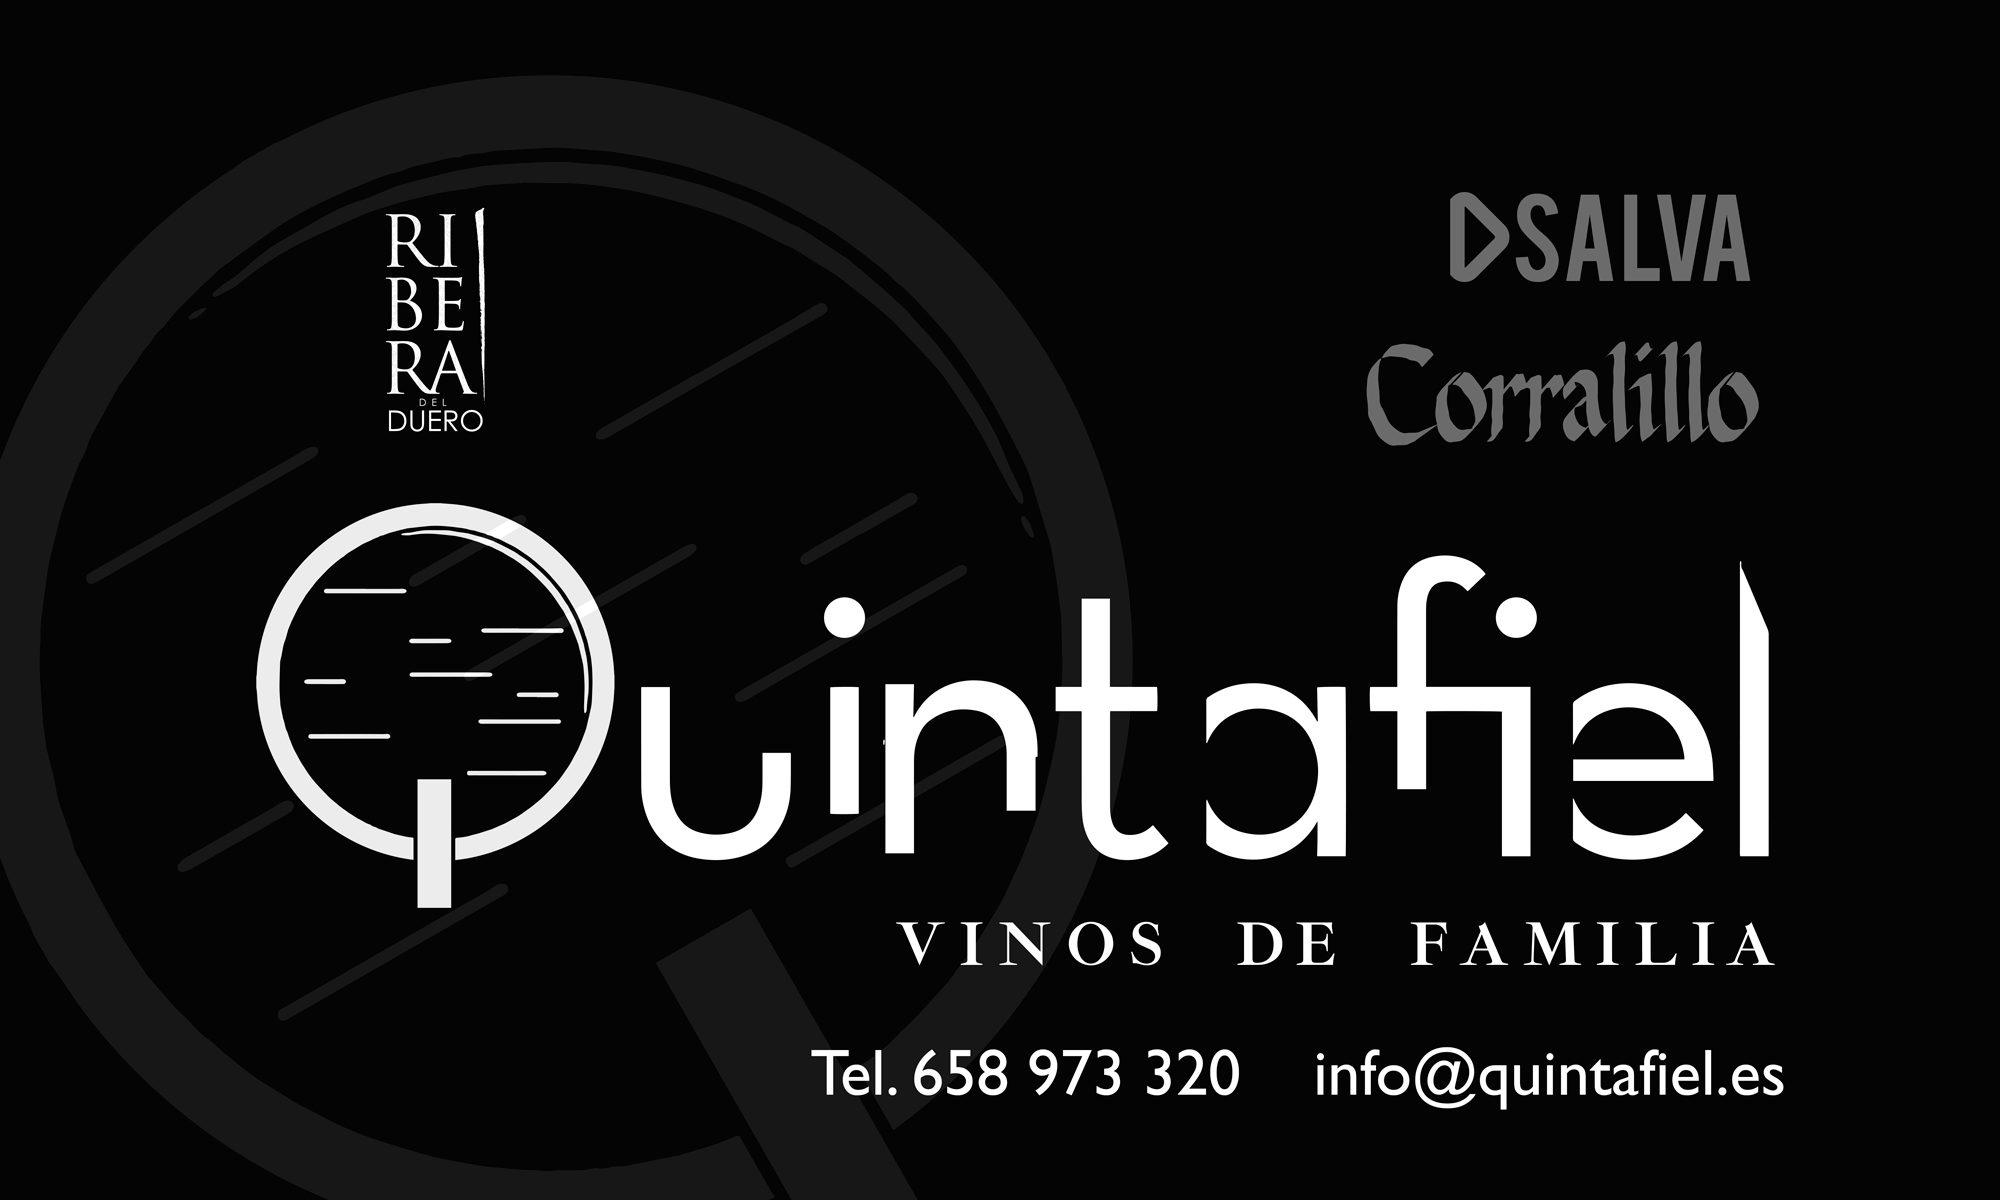 Quintafiel